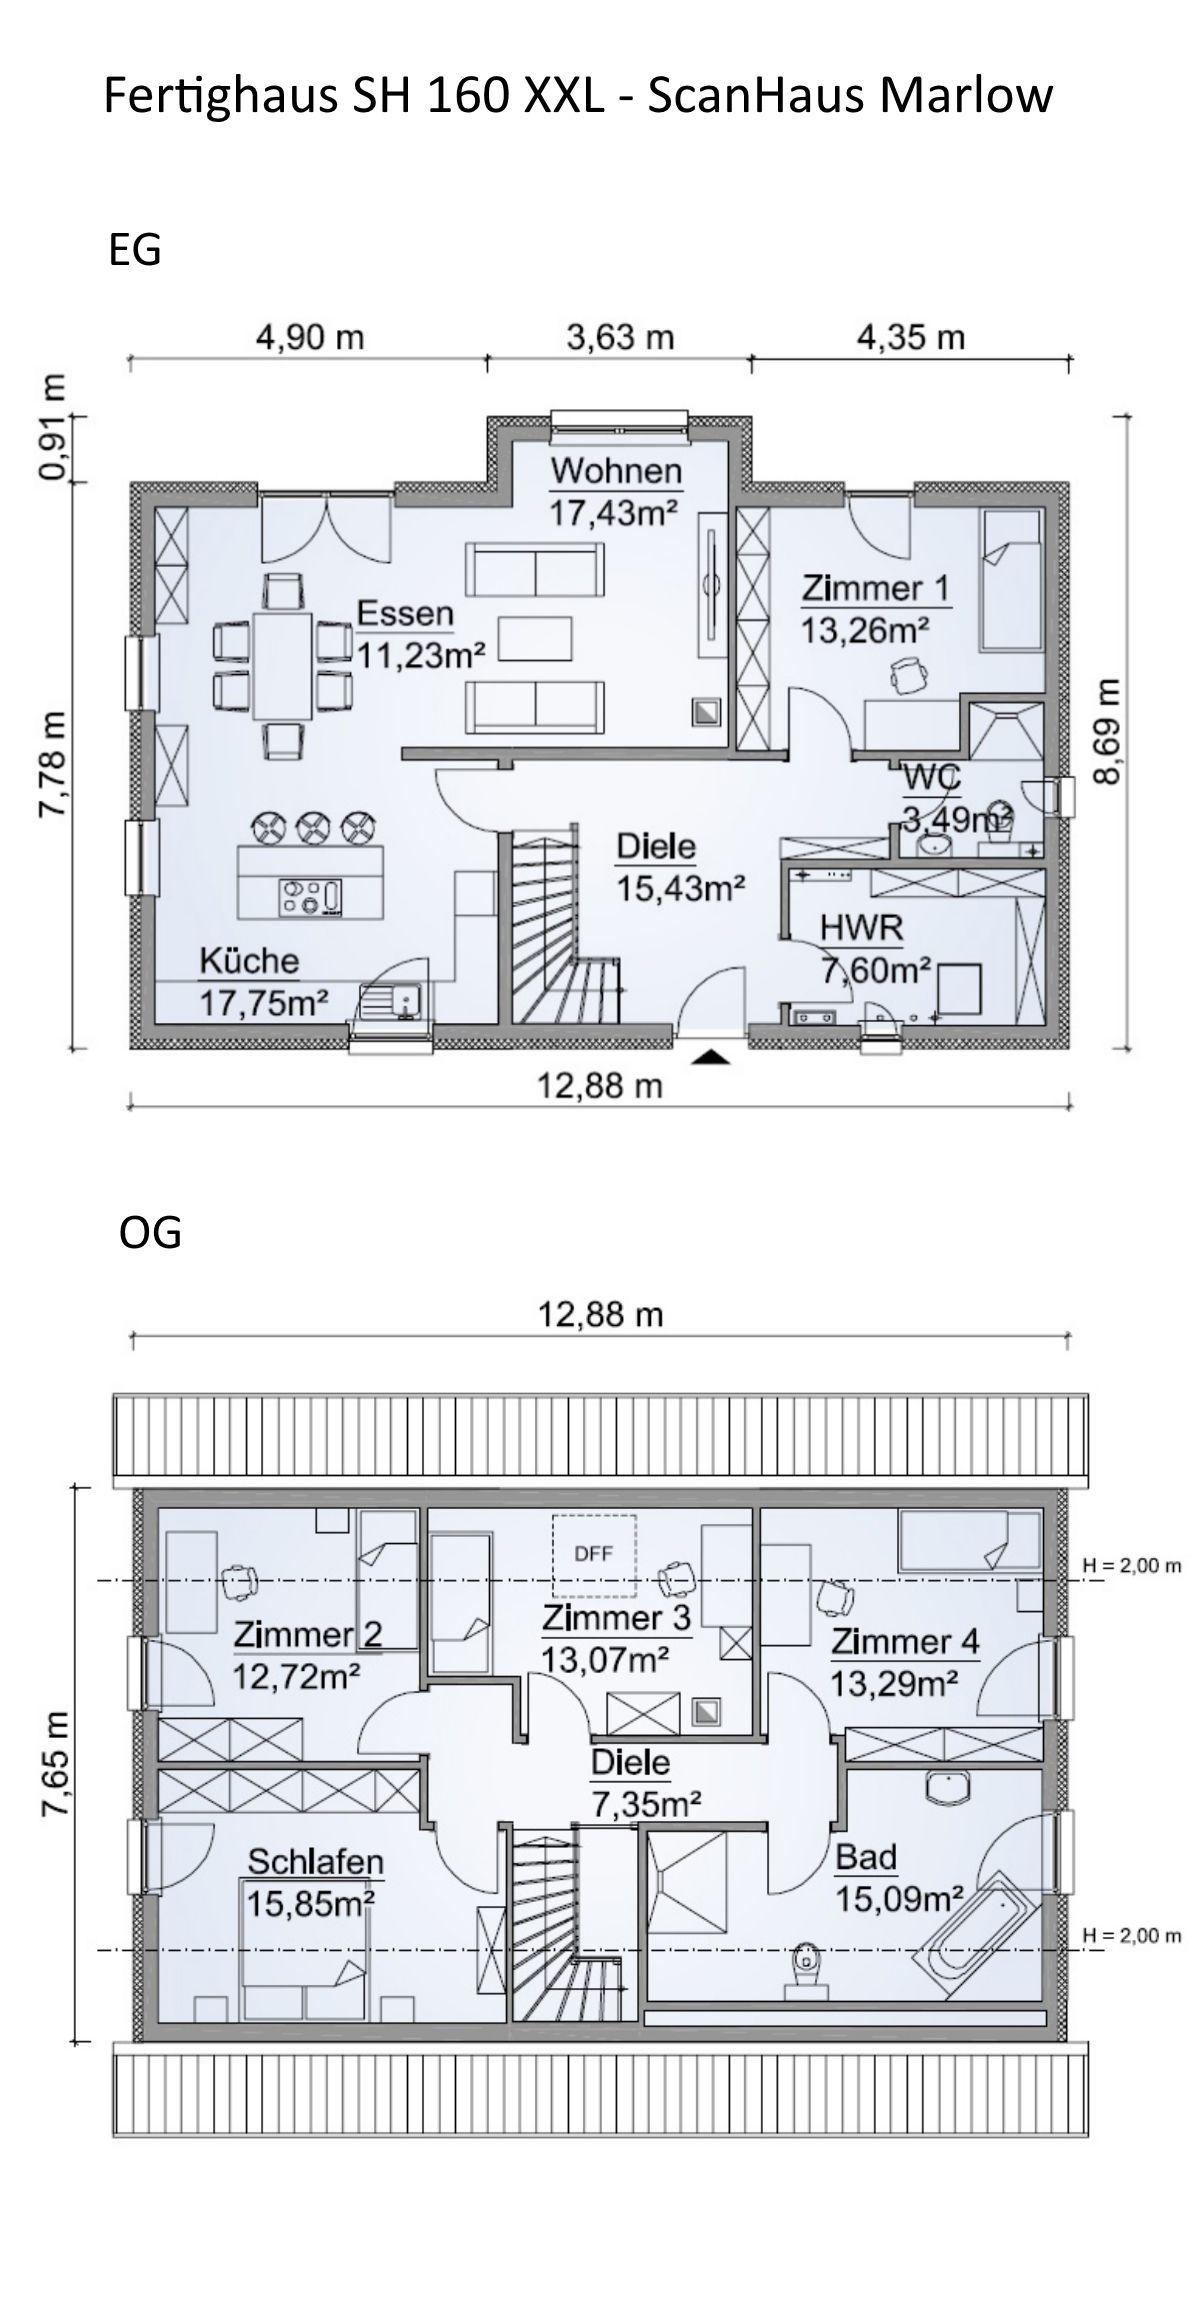 Einfamilienhaus Grundriss rechteckig, 160 qm mit